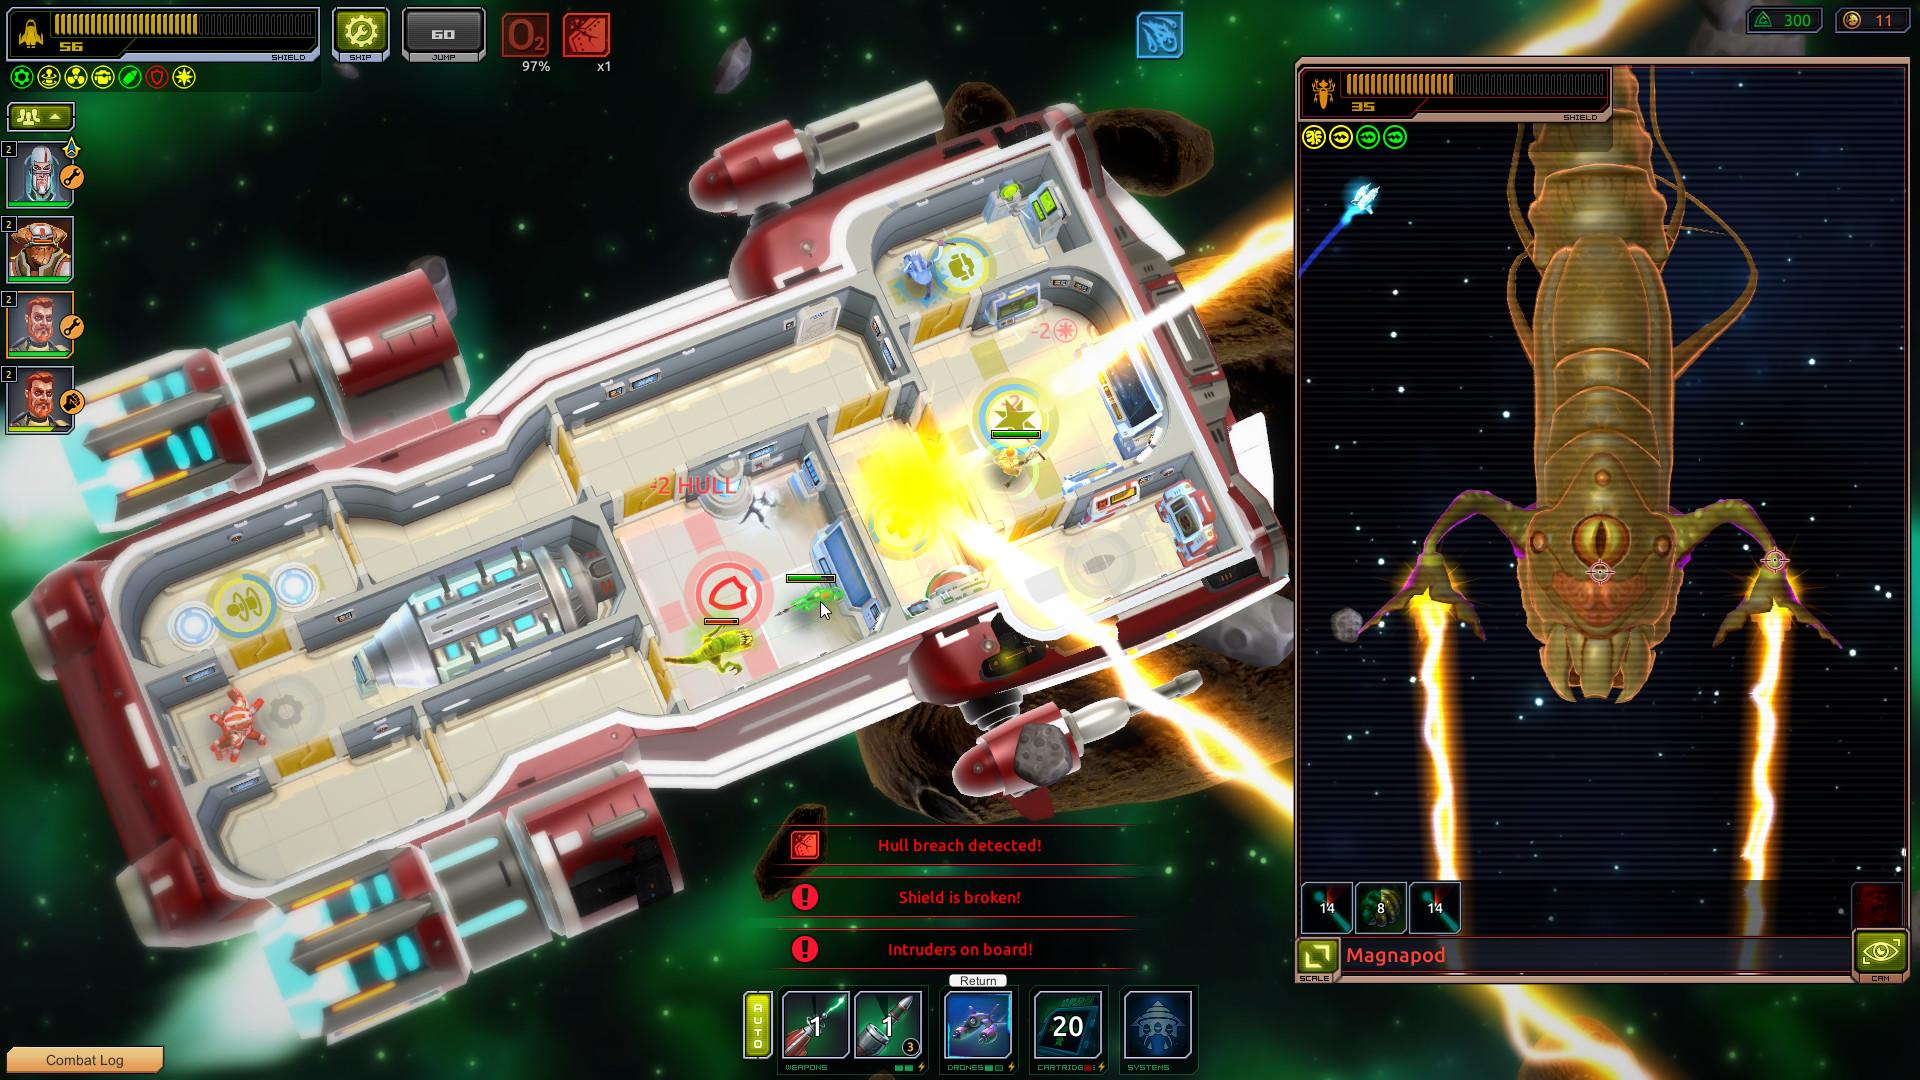 Space Rogue Screenshot 1